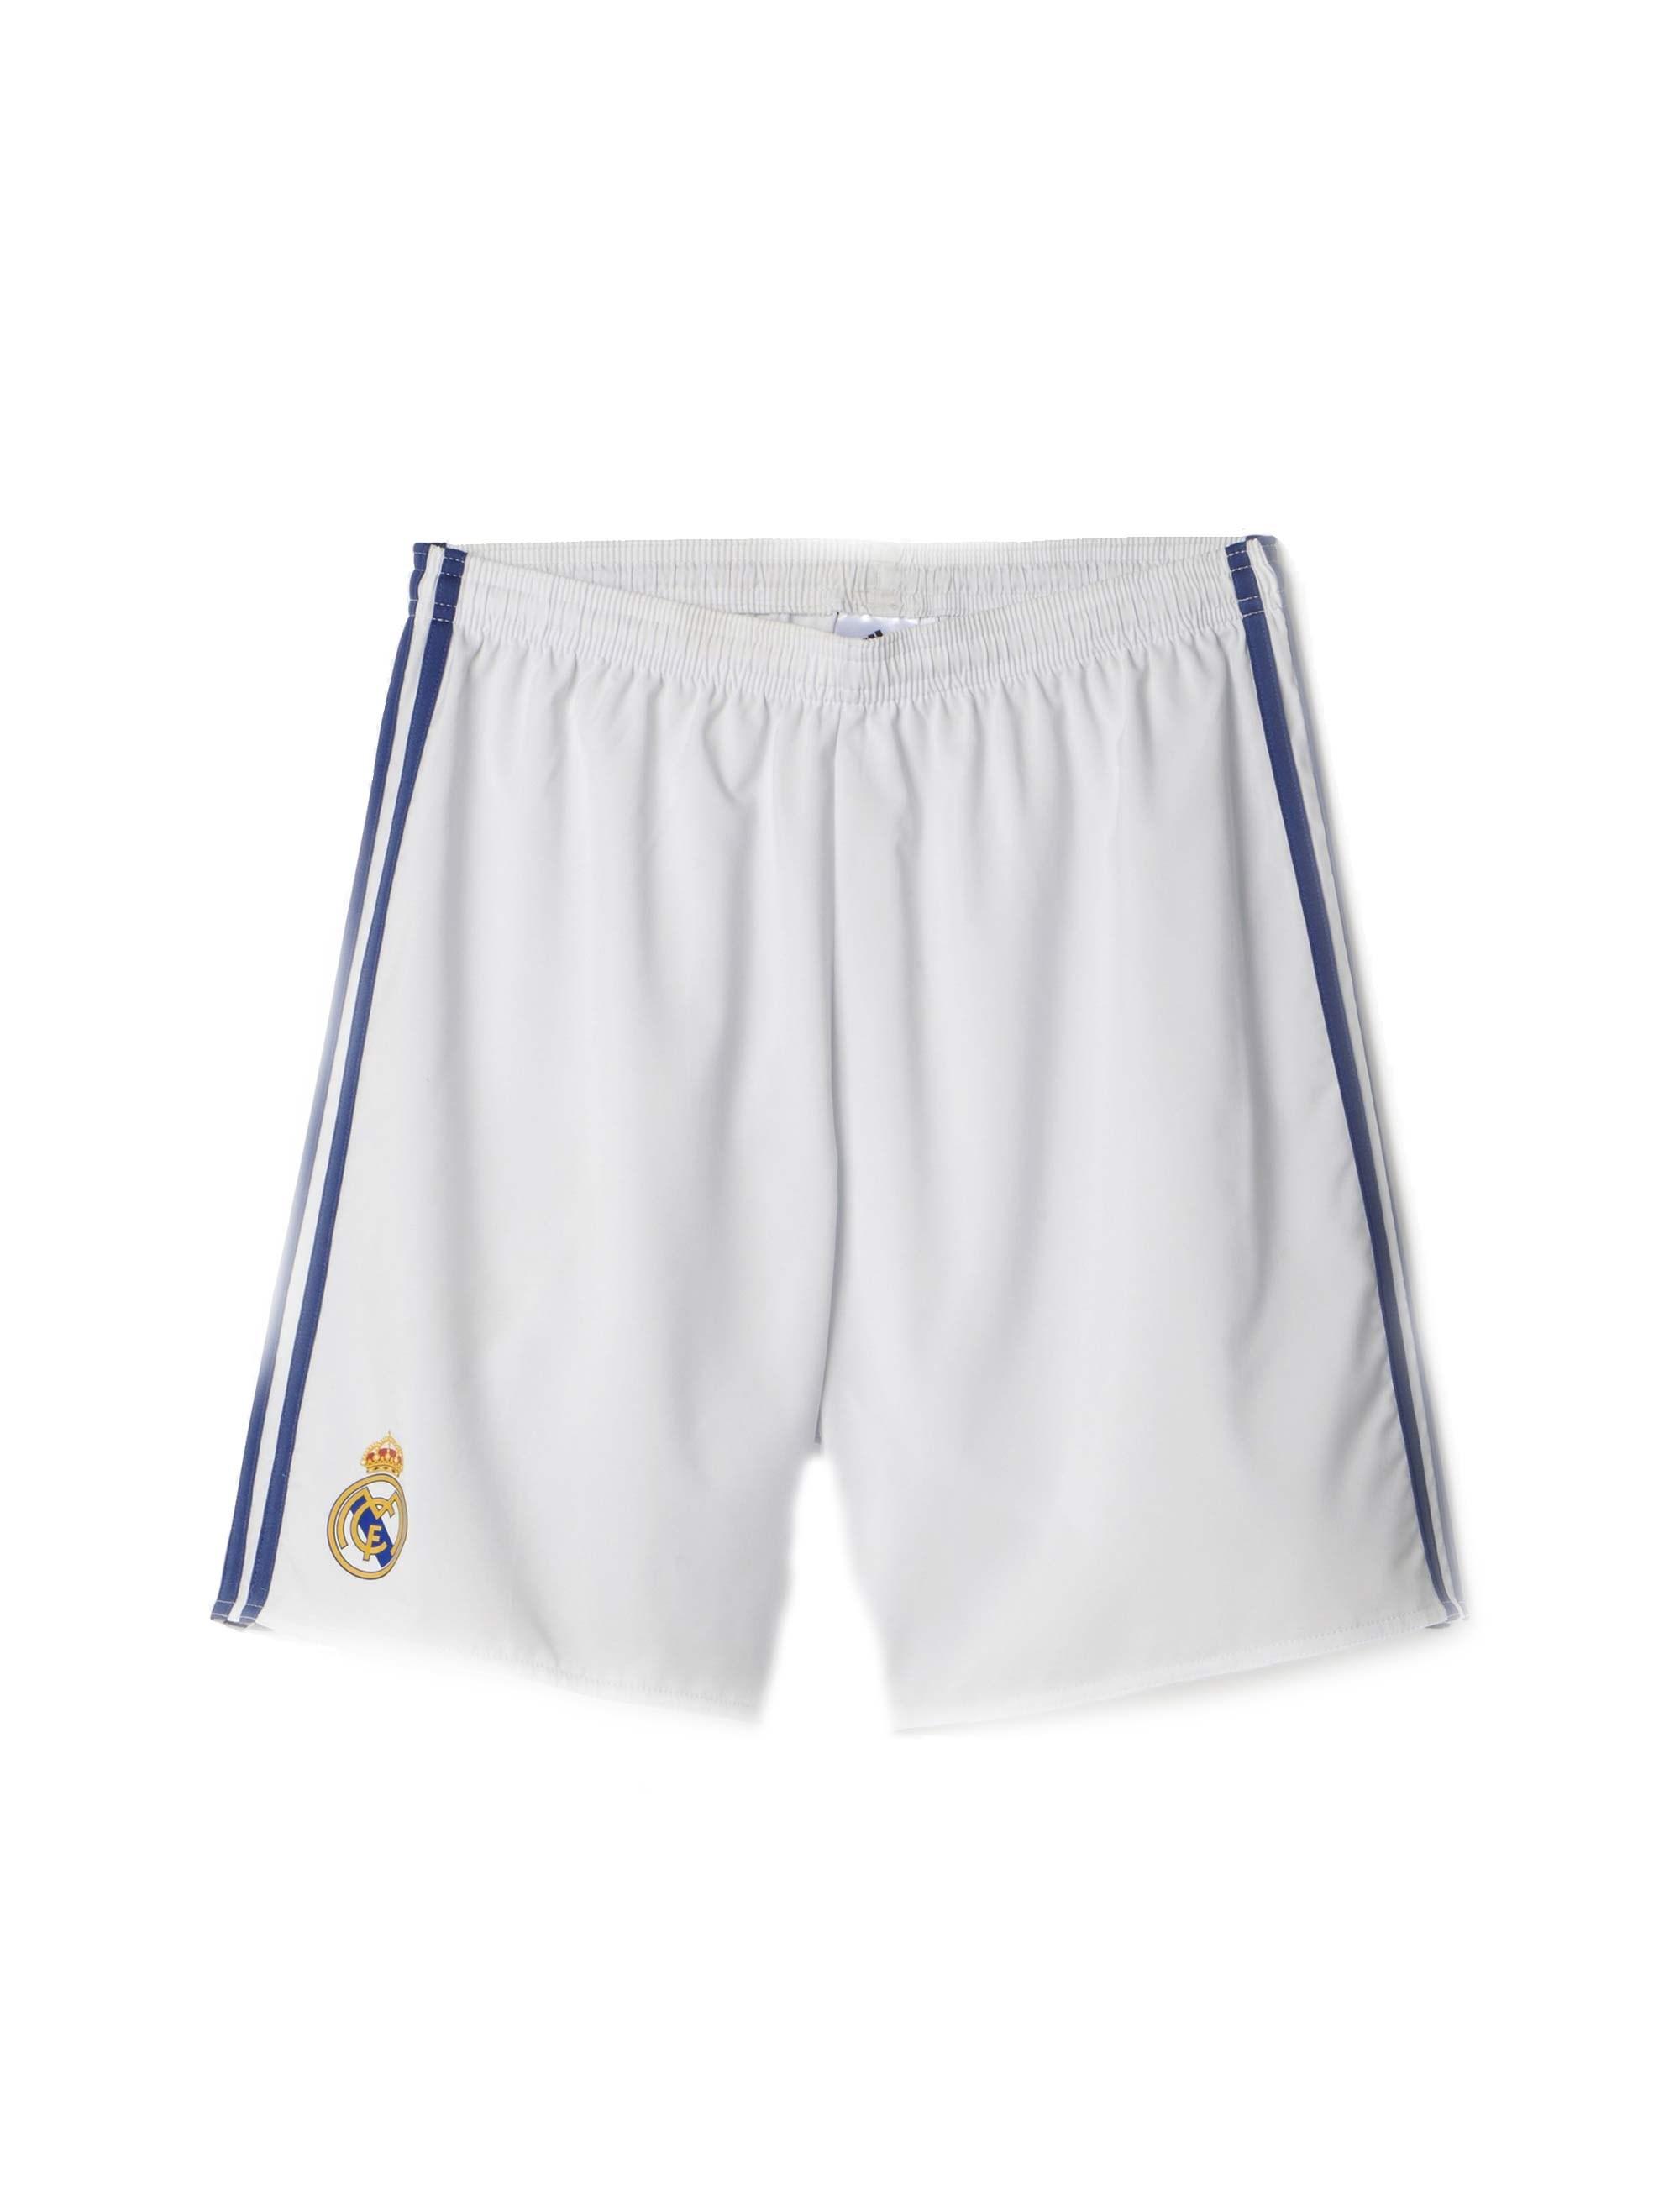 شلوارک ورزشی مردانه آدیداس مدل Real Madrid Home Replica - سفيد - 2